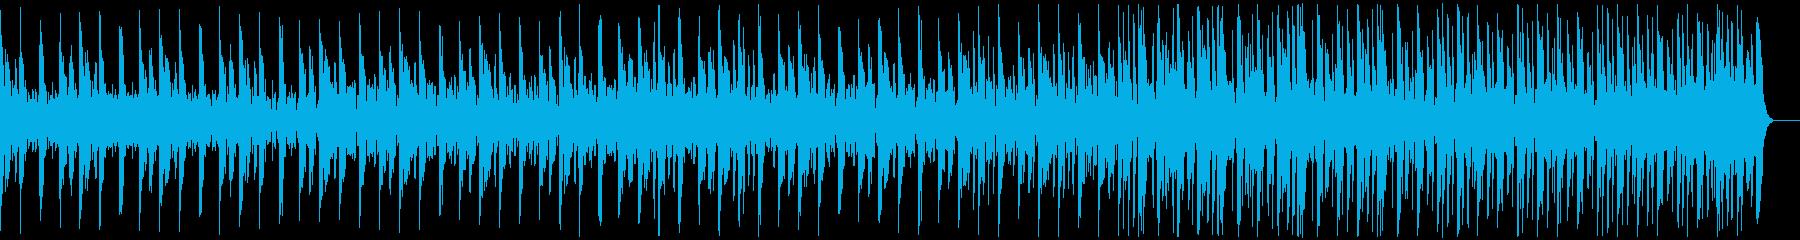 クセになる ロボット・クイズ・考え中の再生済みの波形